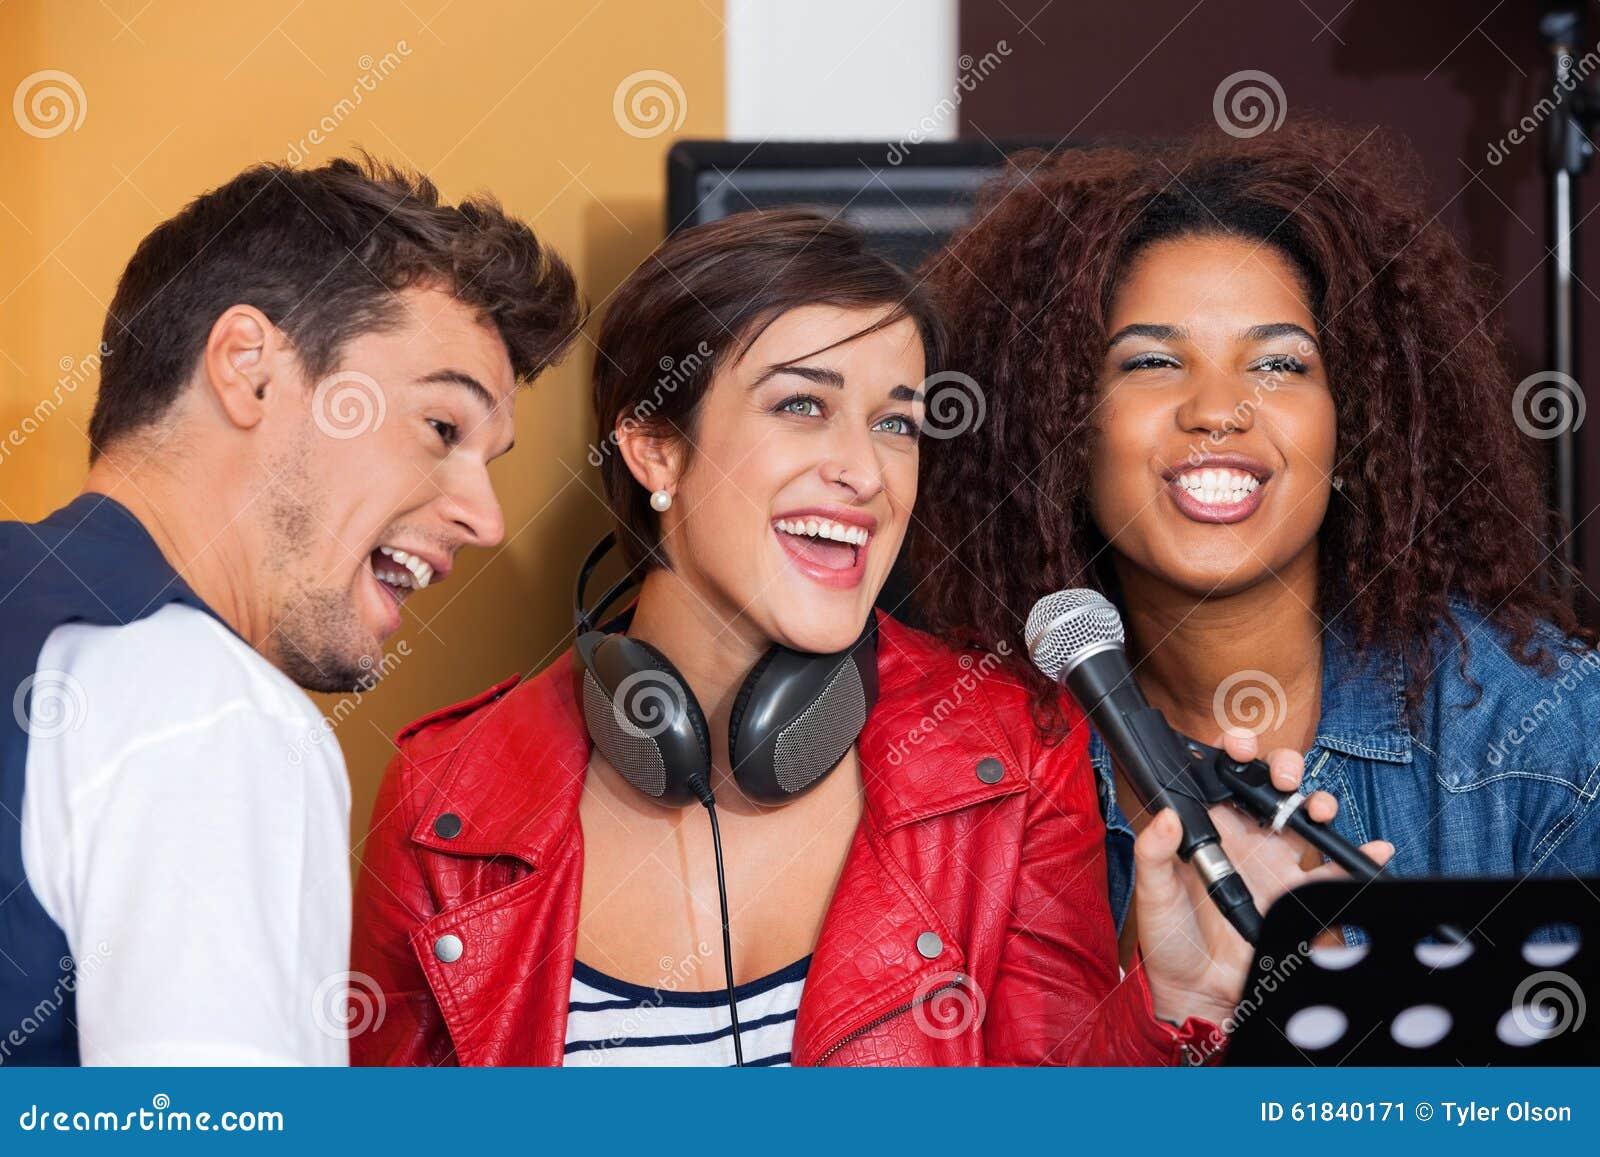 Band Members Singing In Recording Studio